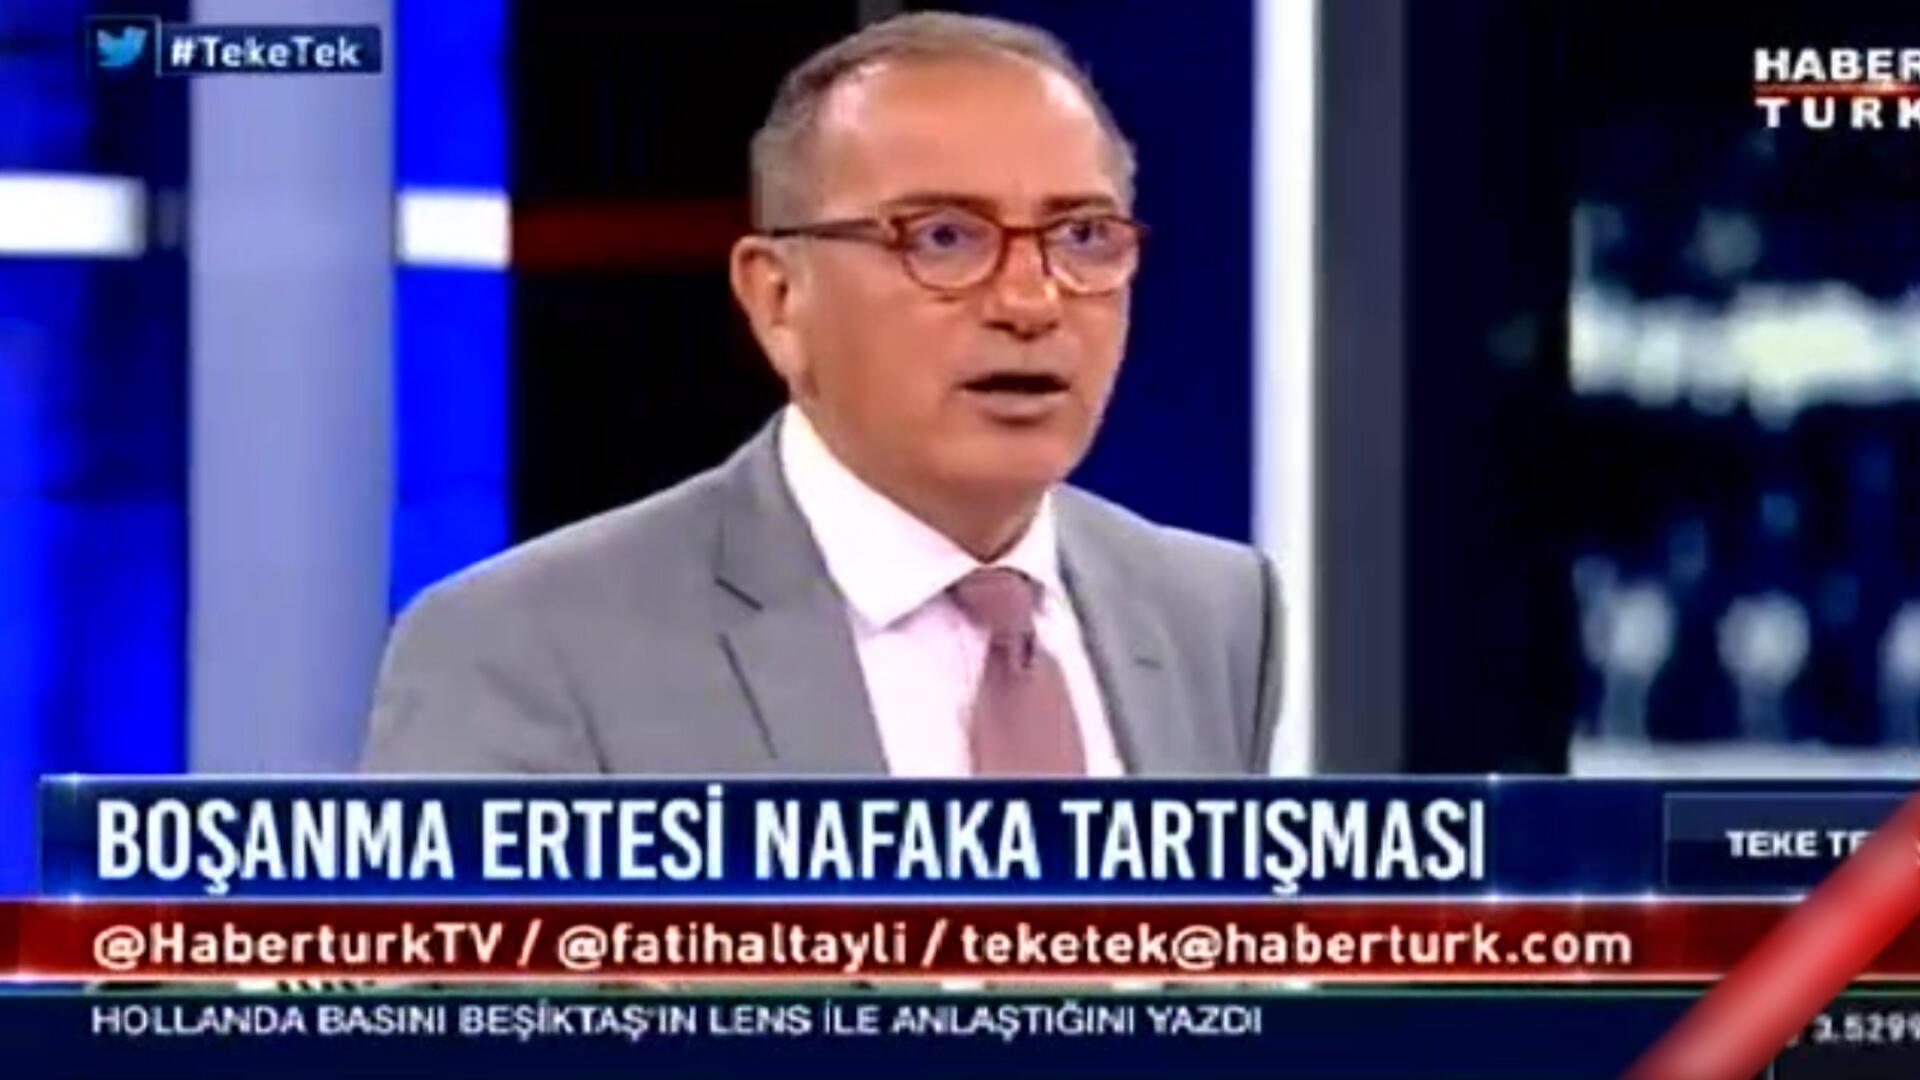 Fatih altaylı Haberleri, Güncel Fatih altaylı haberleri ve Fatih altaylı gelişmeleri 63